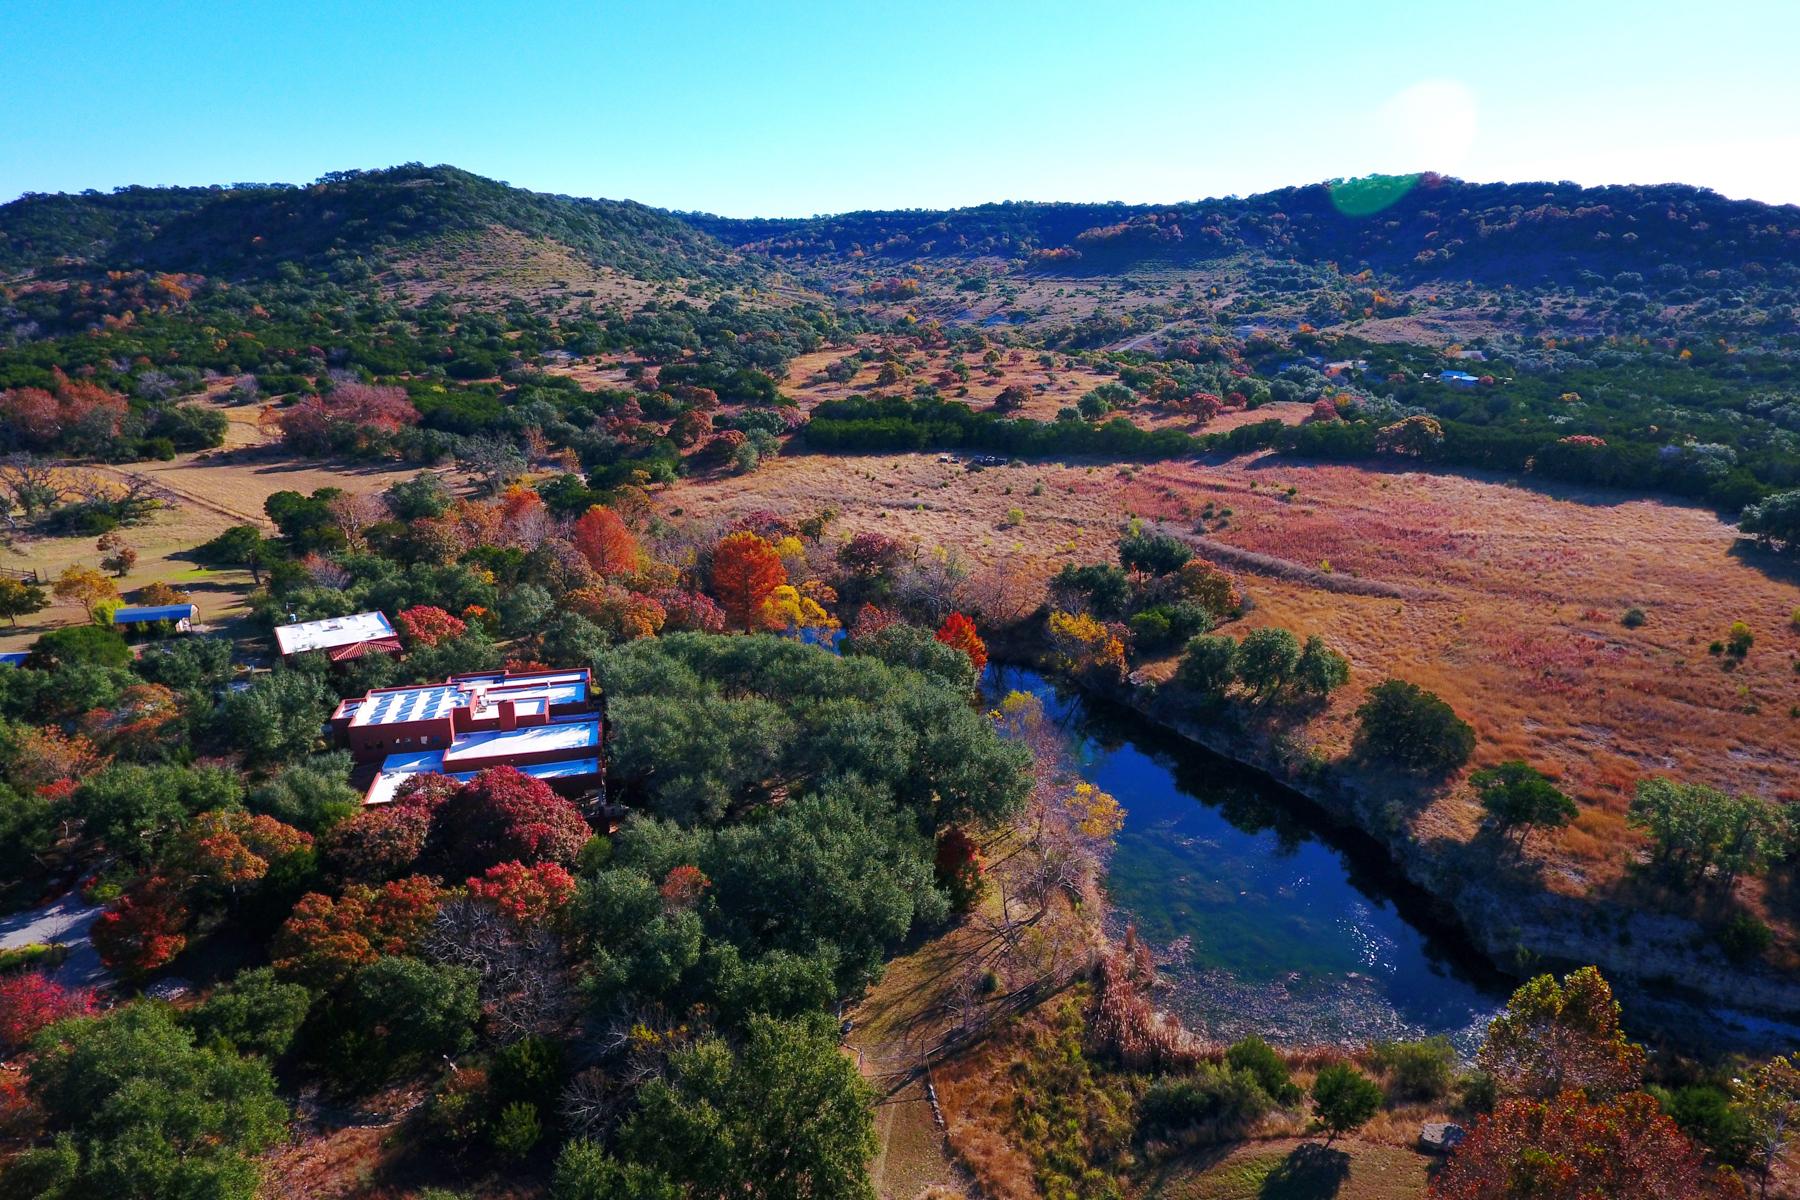 Casa Unifamiliar por un Venta en Stunning Home on 150 Acres in Pipe Creek 4198 Bear Springs Rd Pipe Creek, Texas 78063 Estados Unidos